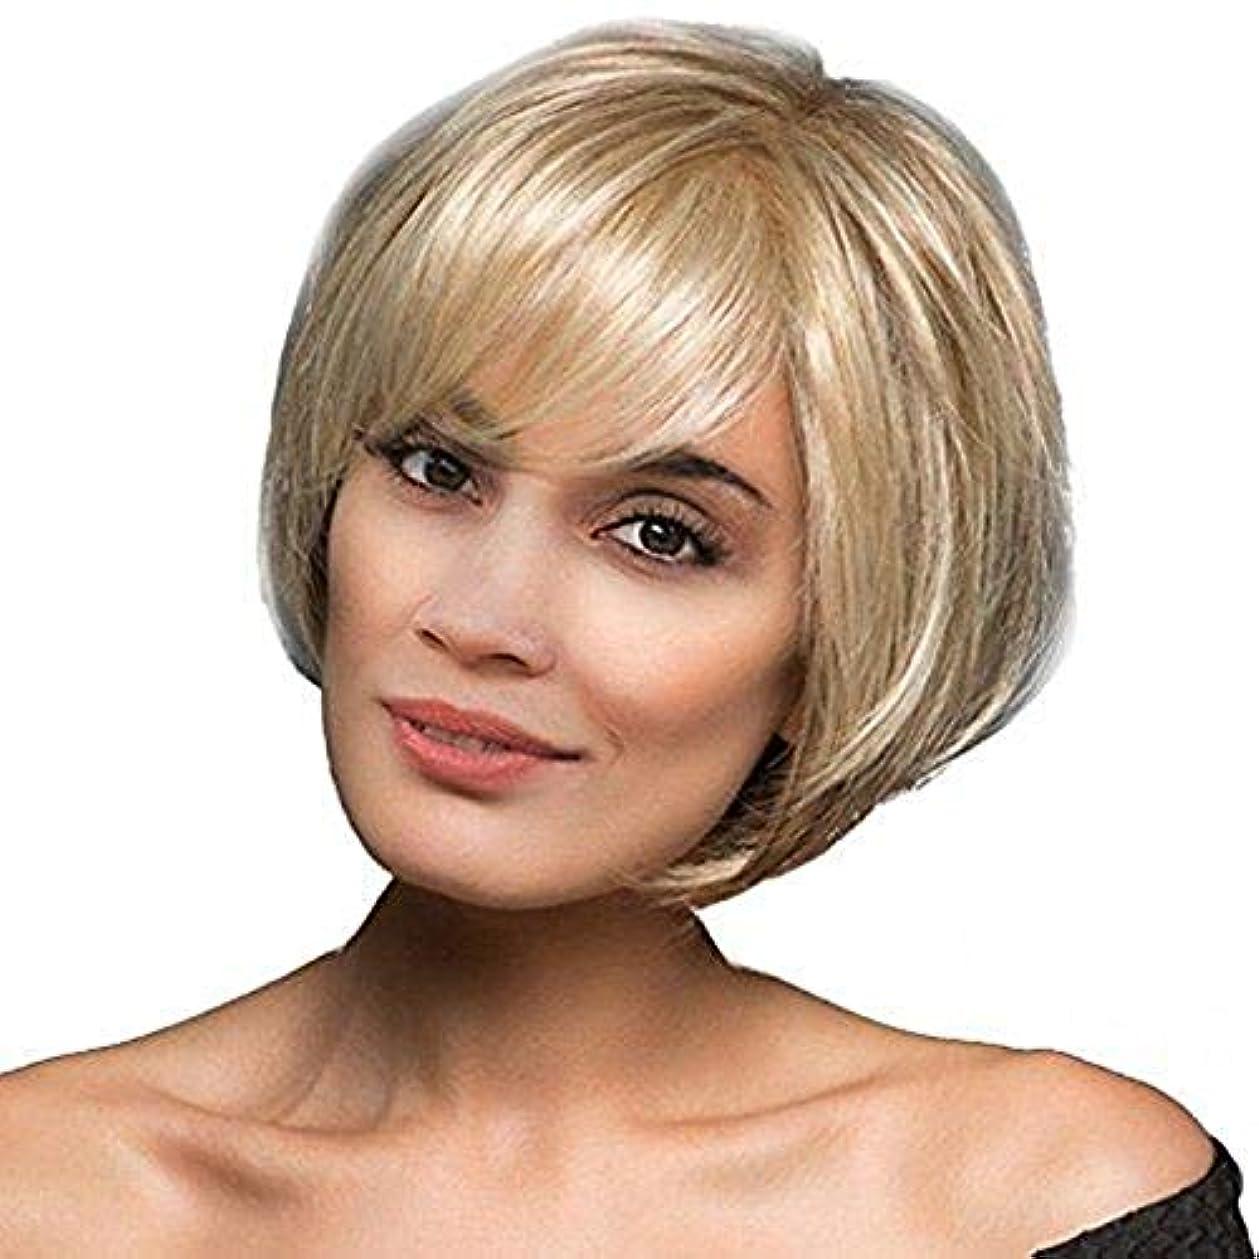 状況蒸発するに沿ってYOUQIU 女性のかつらのための合成ウィッグブロンドボブスタイルウィッグショートカーリーヘアウィッグ (色 : Blonde)